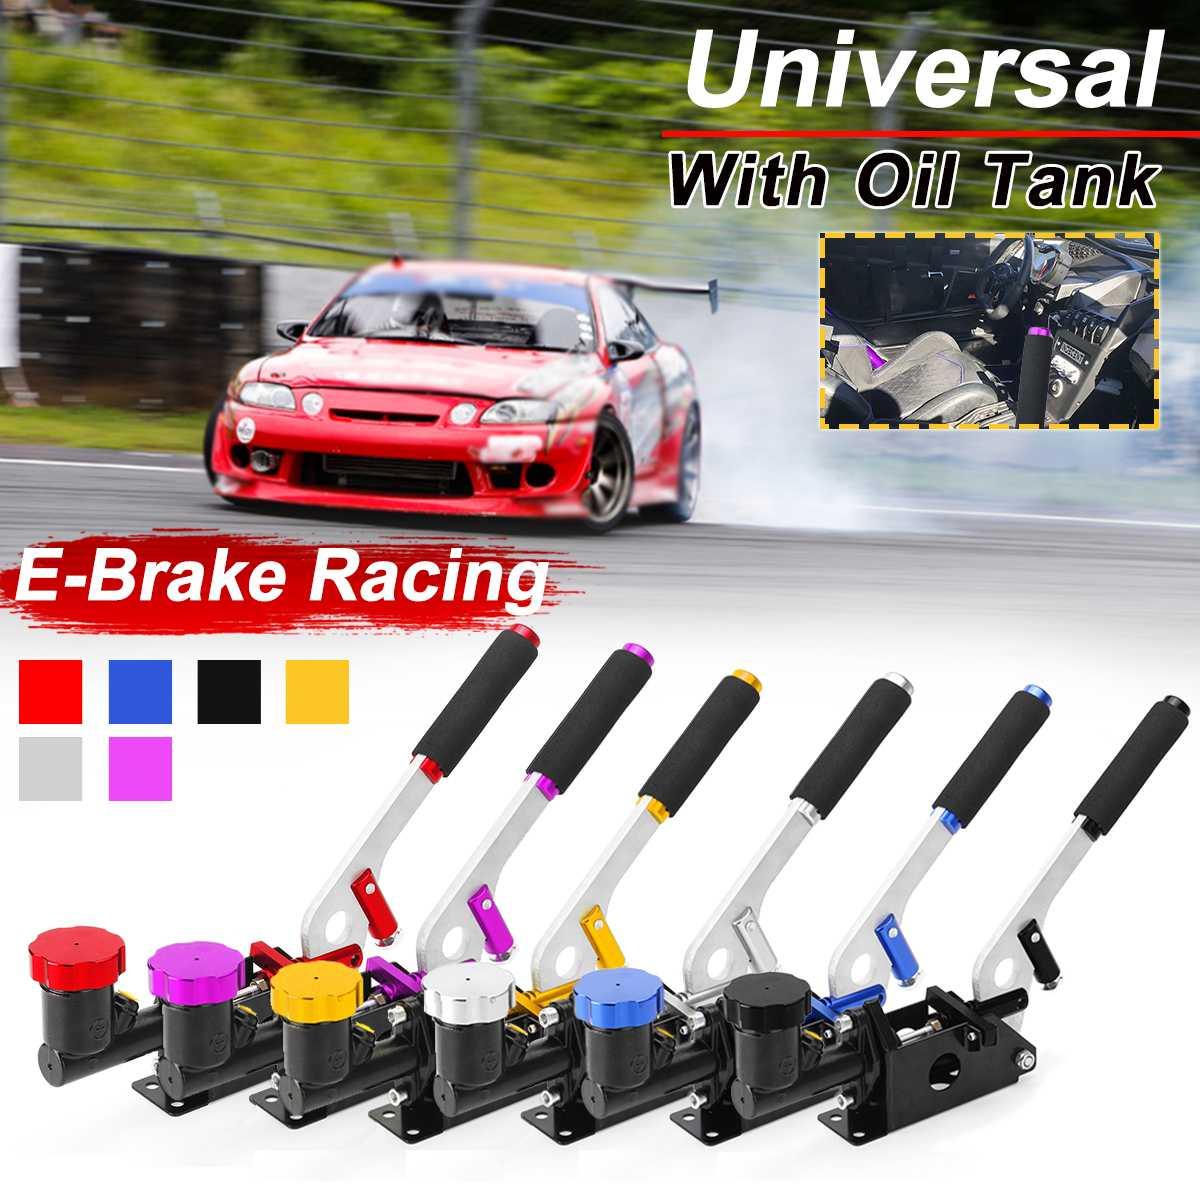 Frein à main hydraulique réglable e-brake Racing levier de frein à main avec réservoir pour HU-11001HU07BK